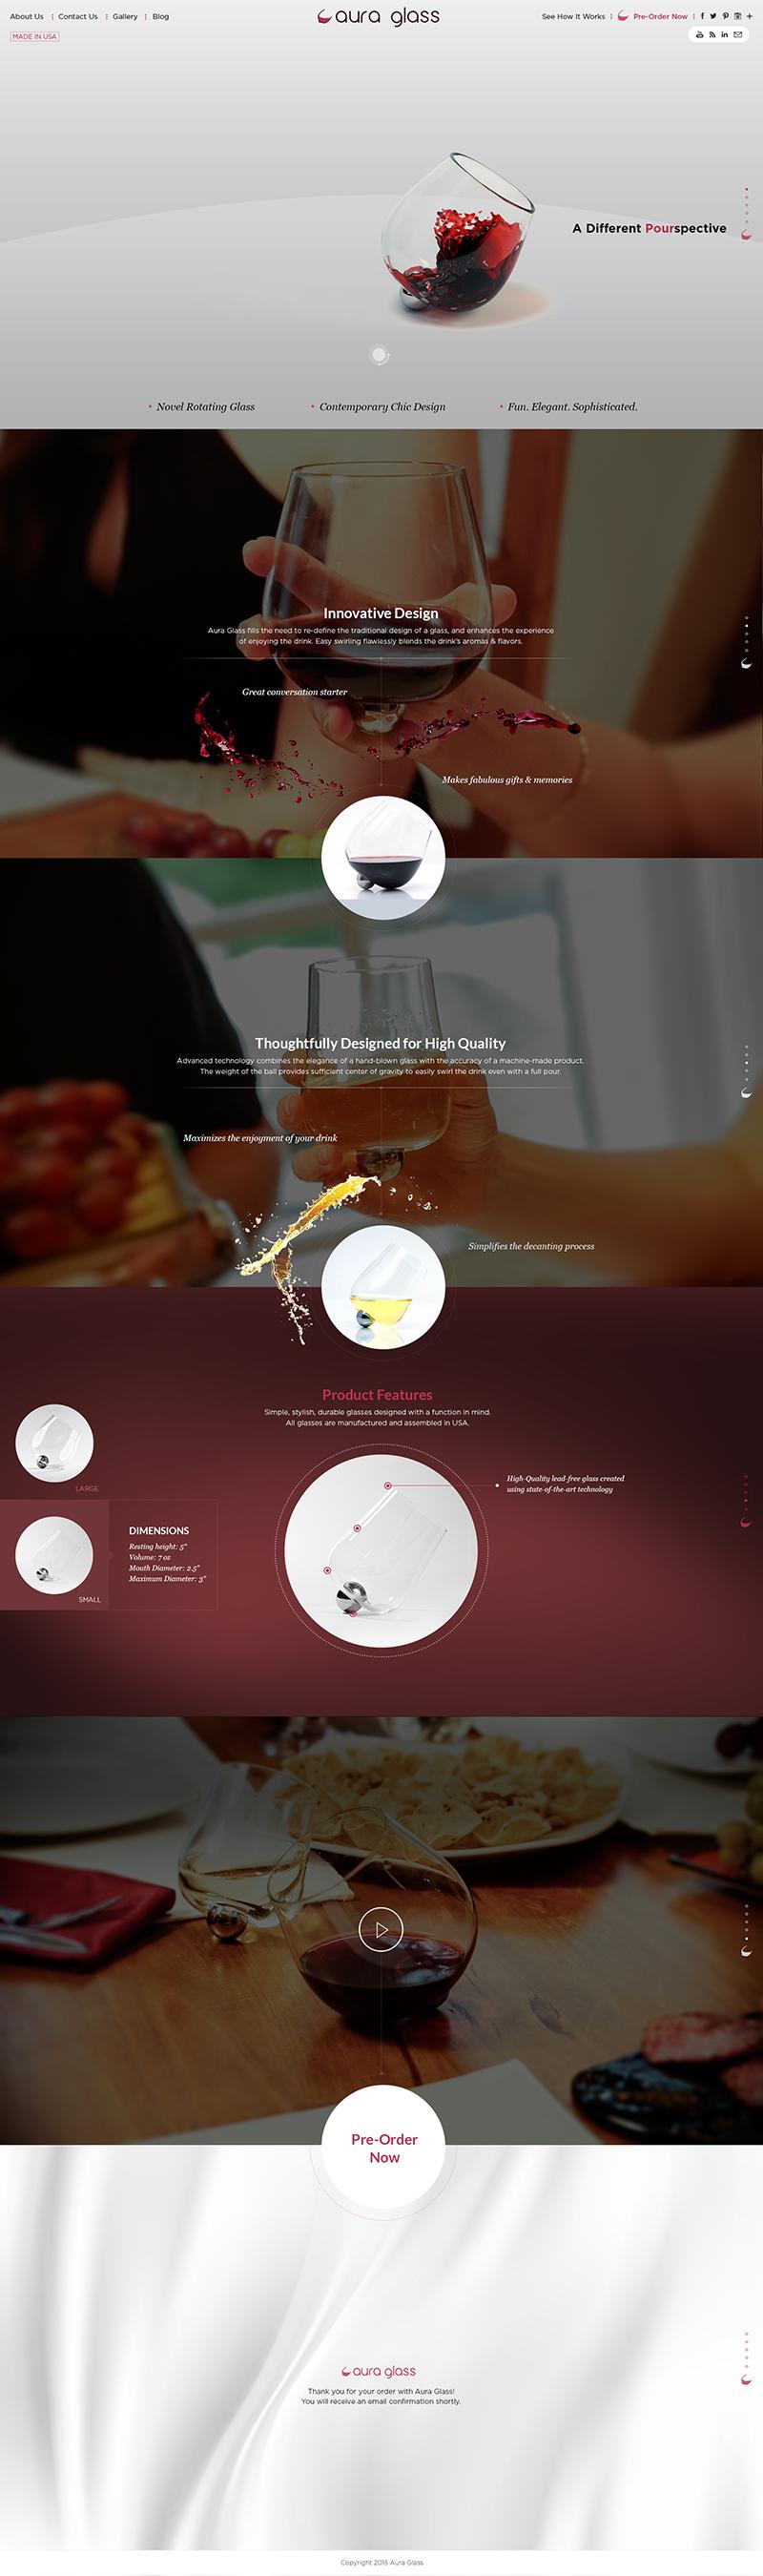 ZeromassWater Website Design Preview